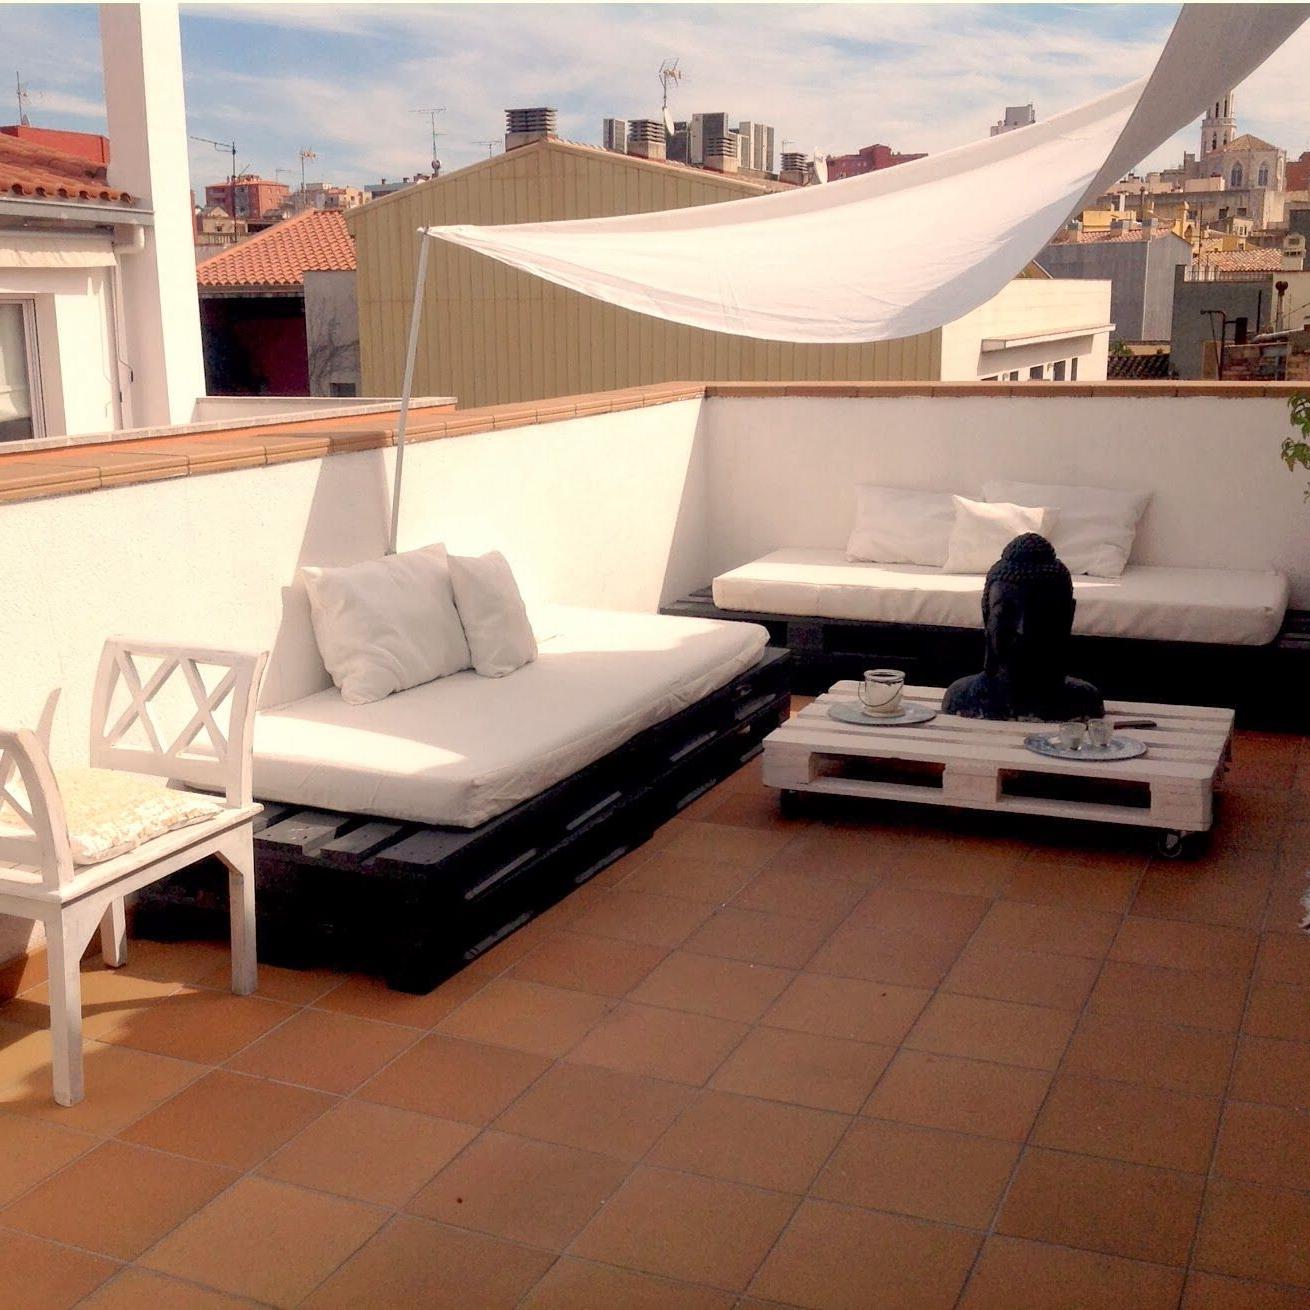 Meubles élégants sur la terrasse de palette